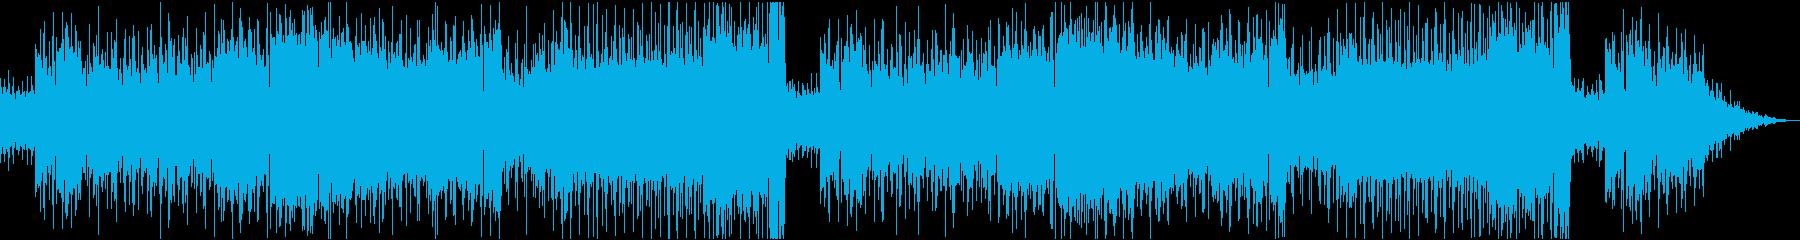 躍動感のある軽快なブルース調ロックの再生済みの波形